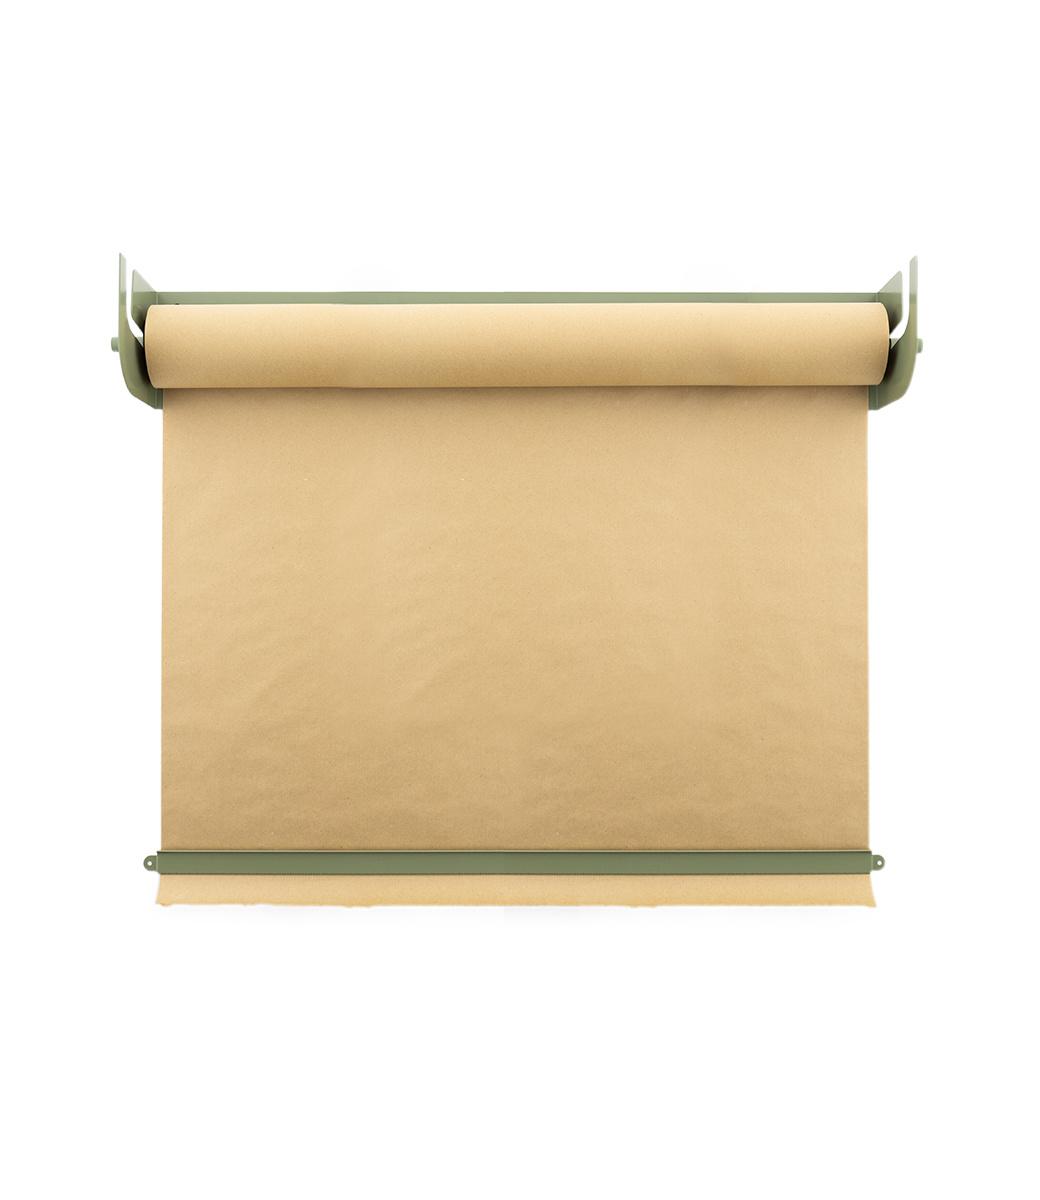 Kraft paper roller XL - Green-6